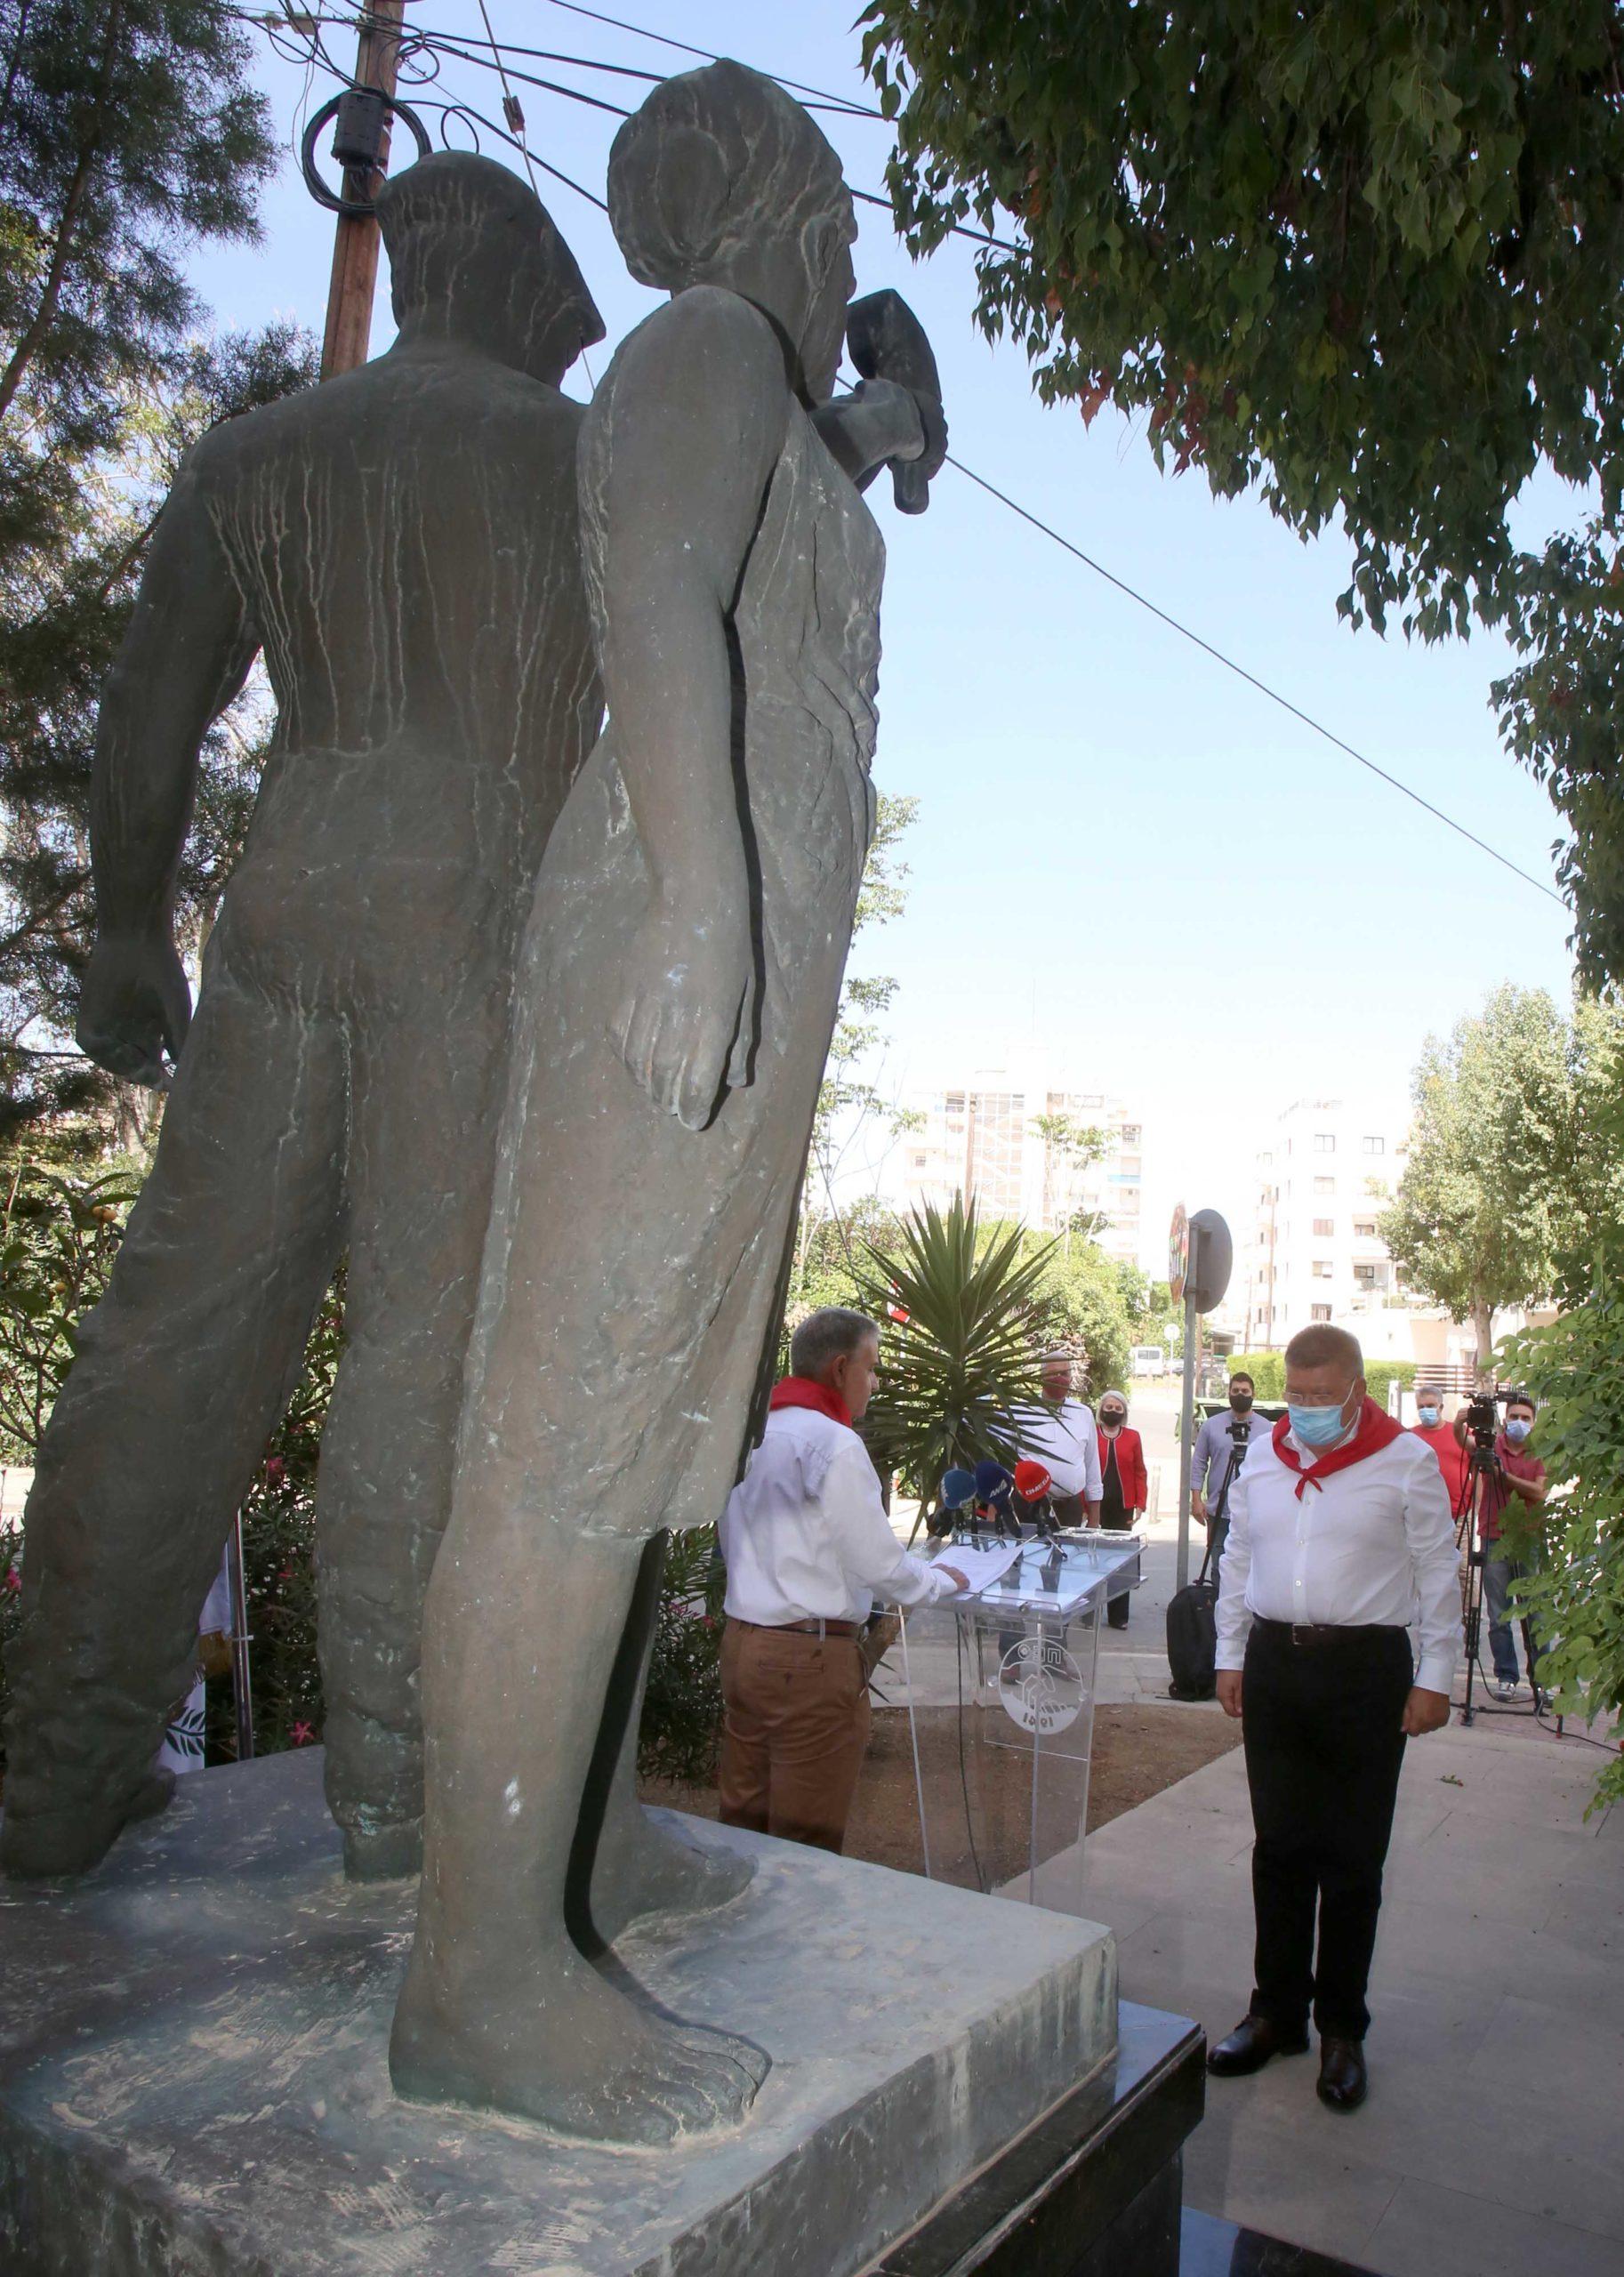 ΠΕΟ Συμβολική εκδήλωση για την Εργατική Πρωτομαγιά PROTOMAGIA PEO AKEL 12 scaled